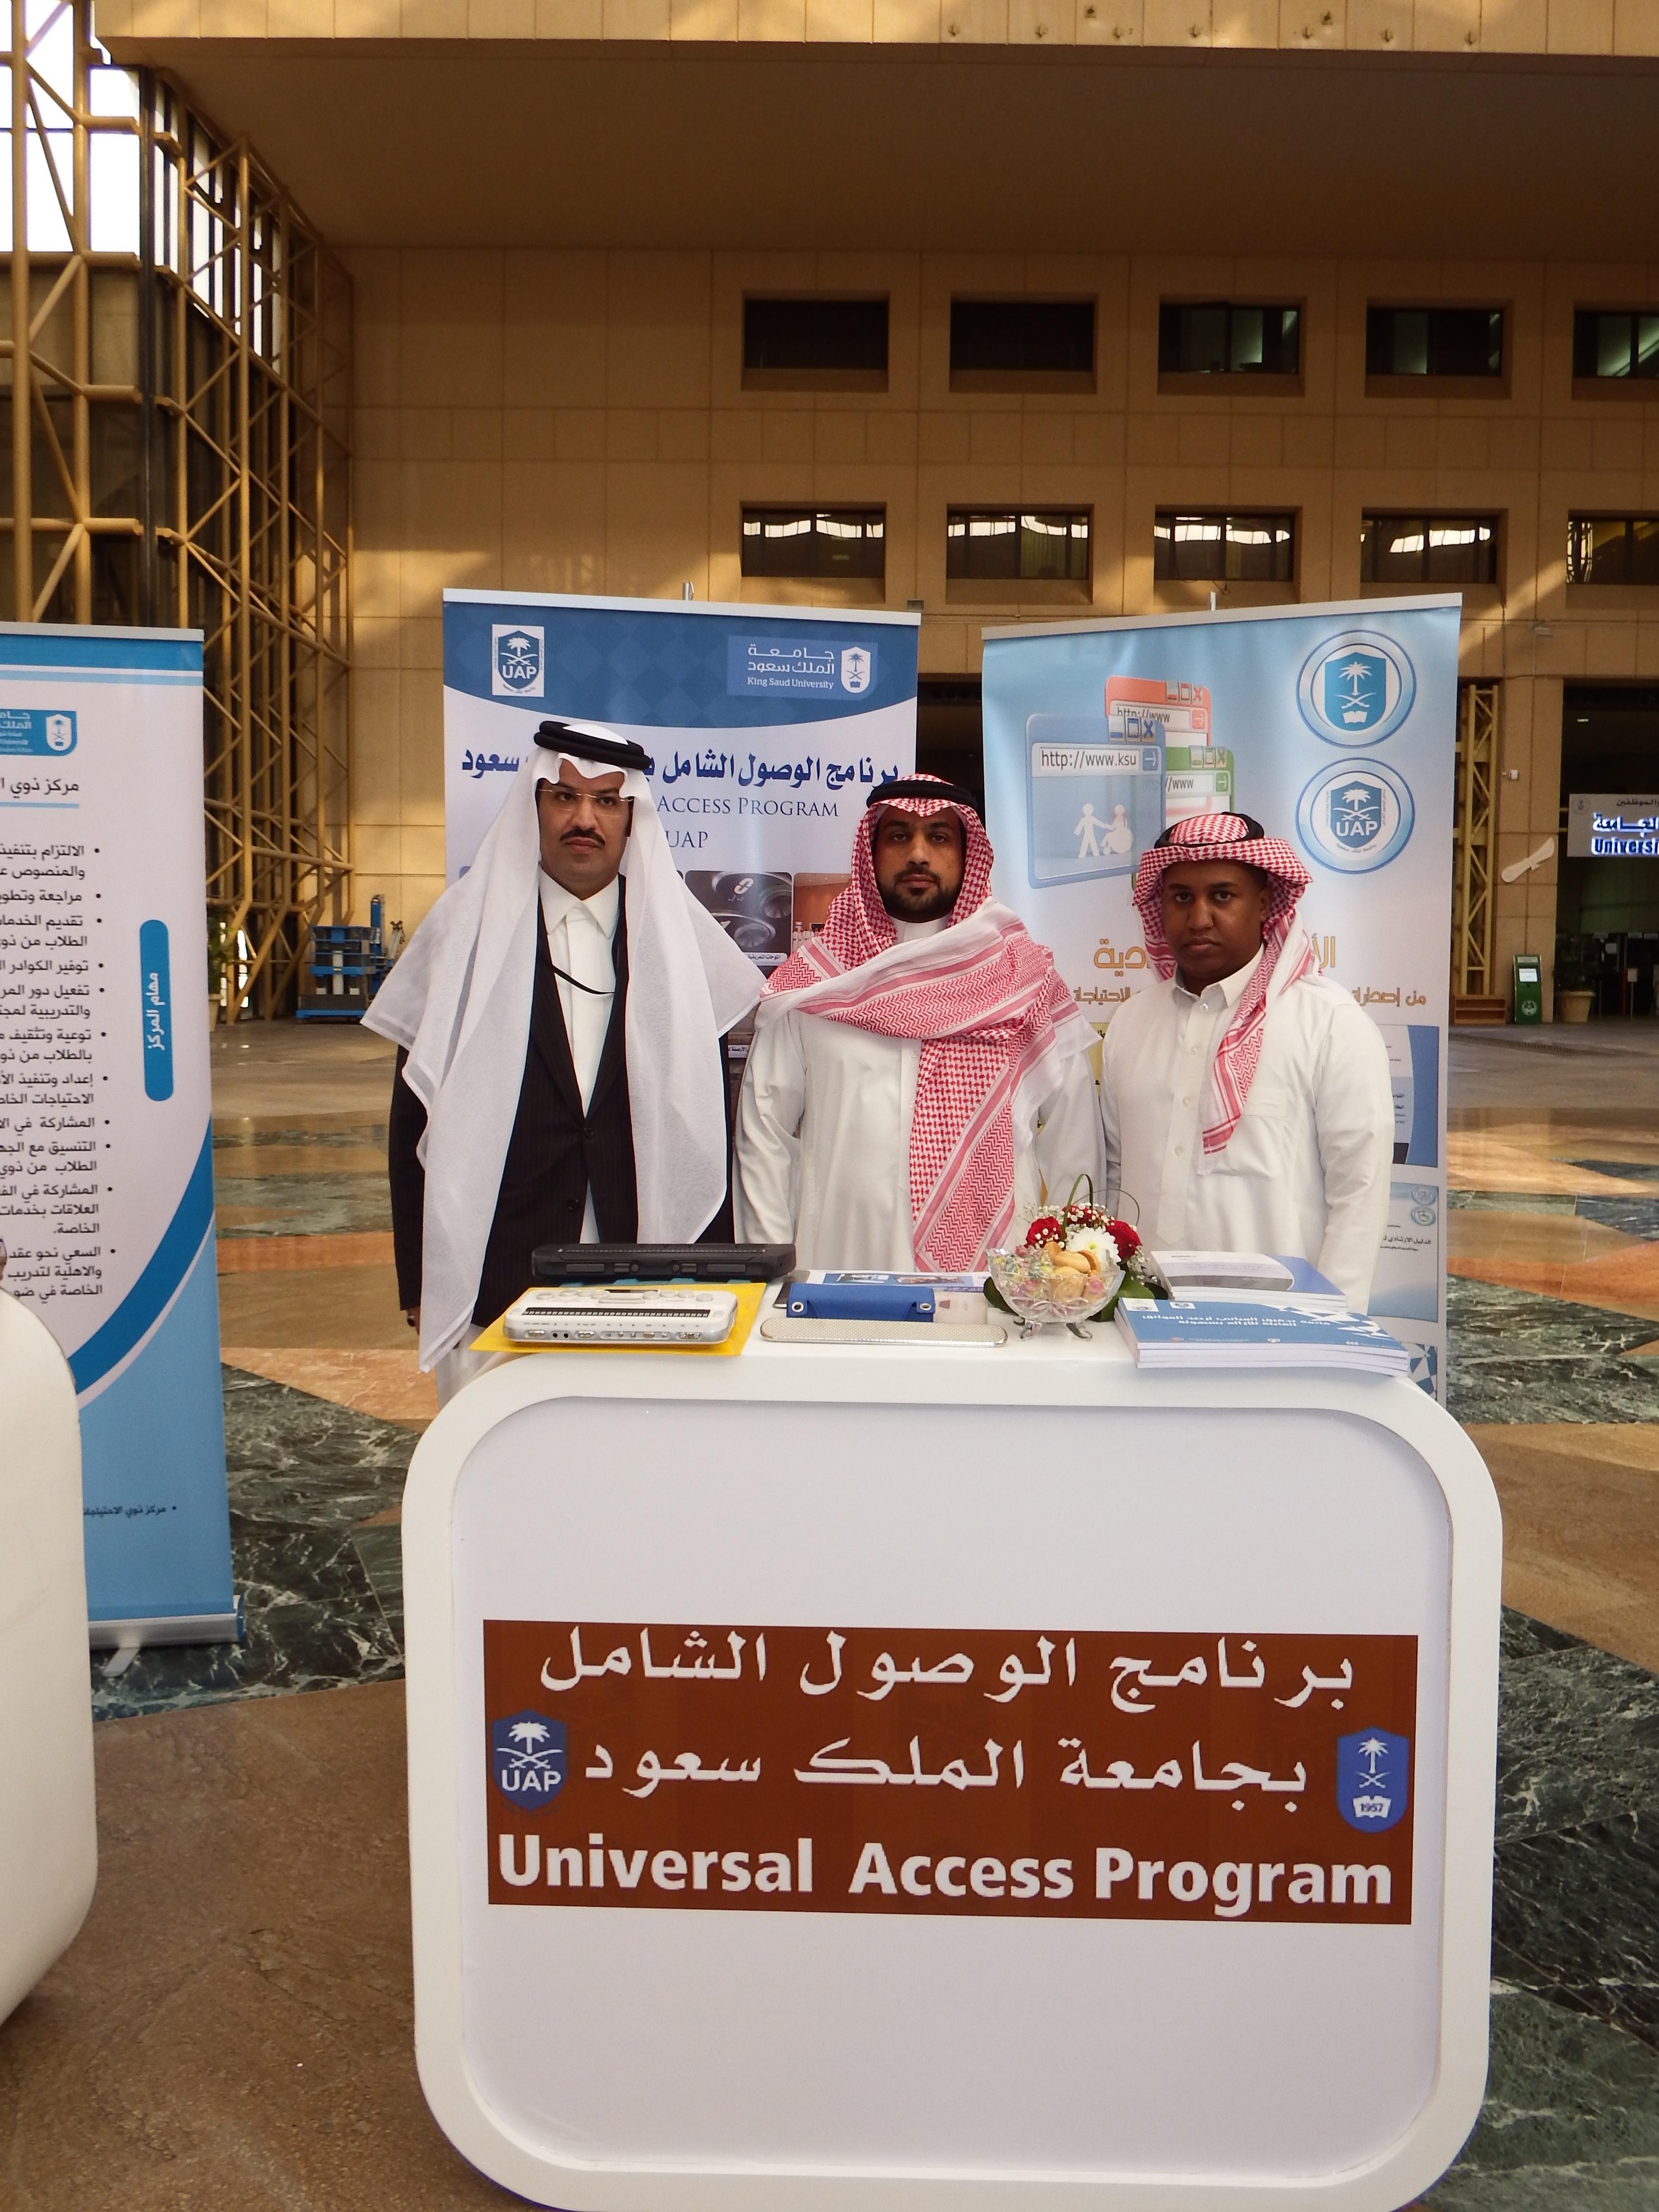 برنامج الوصول الشامل يشارك في معرض اليوم العالمي للإعاقة ببهو الجامعة